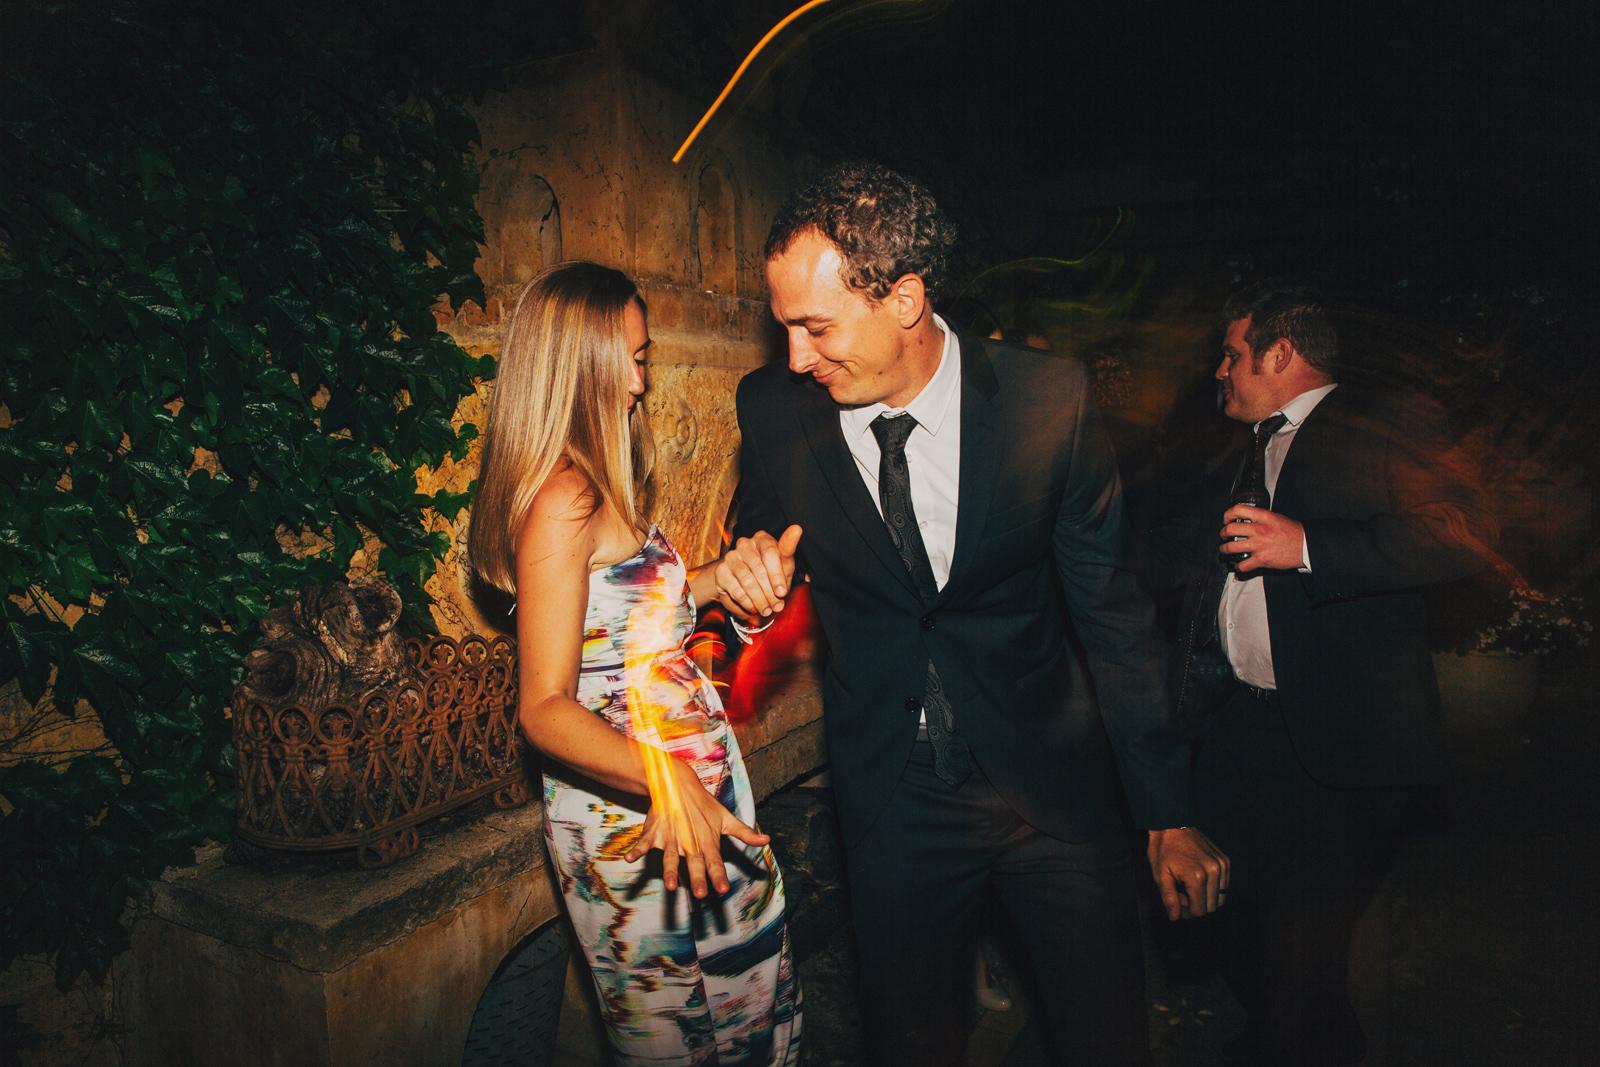 Hilary-&-Darren-Married---0890